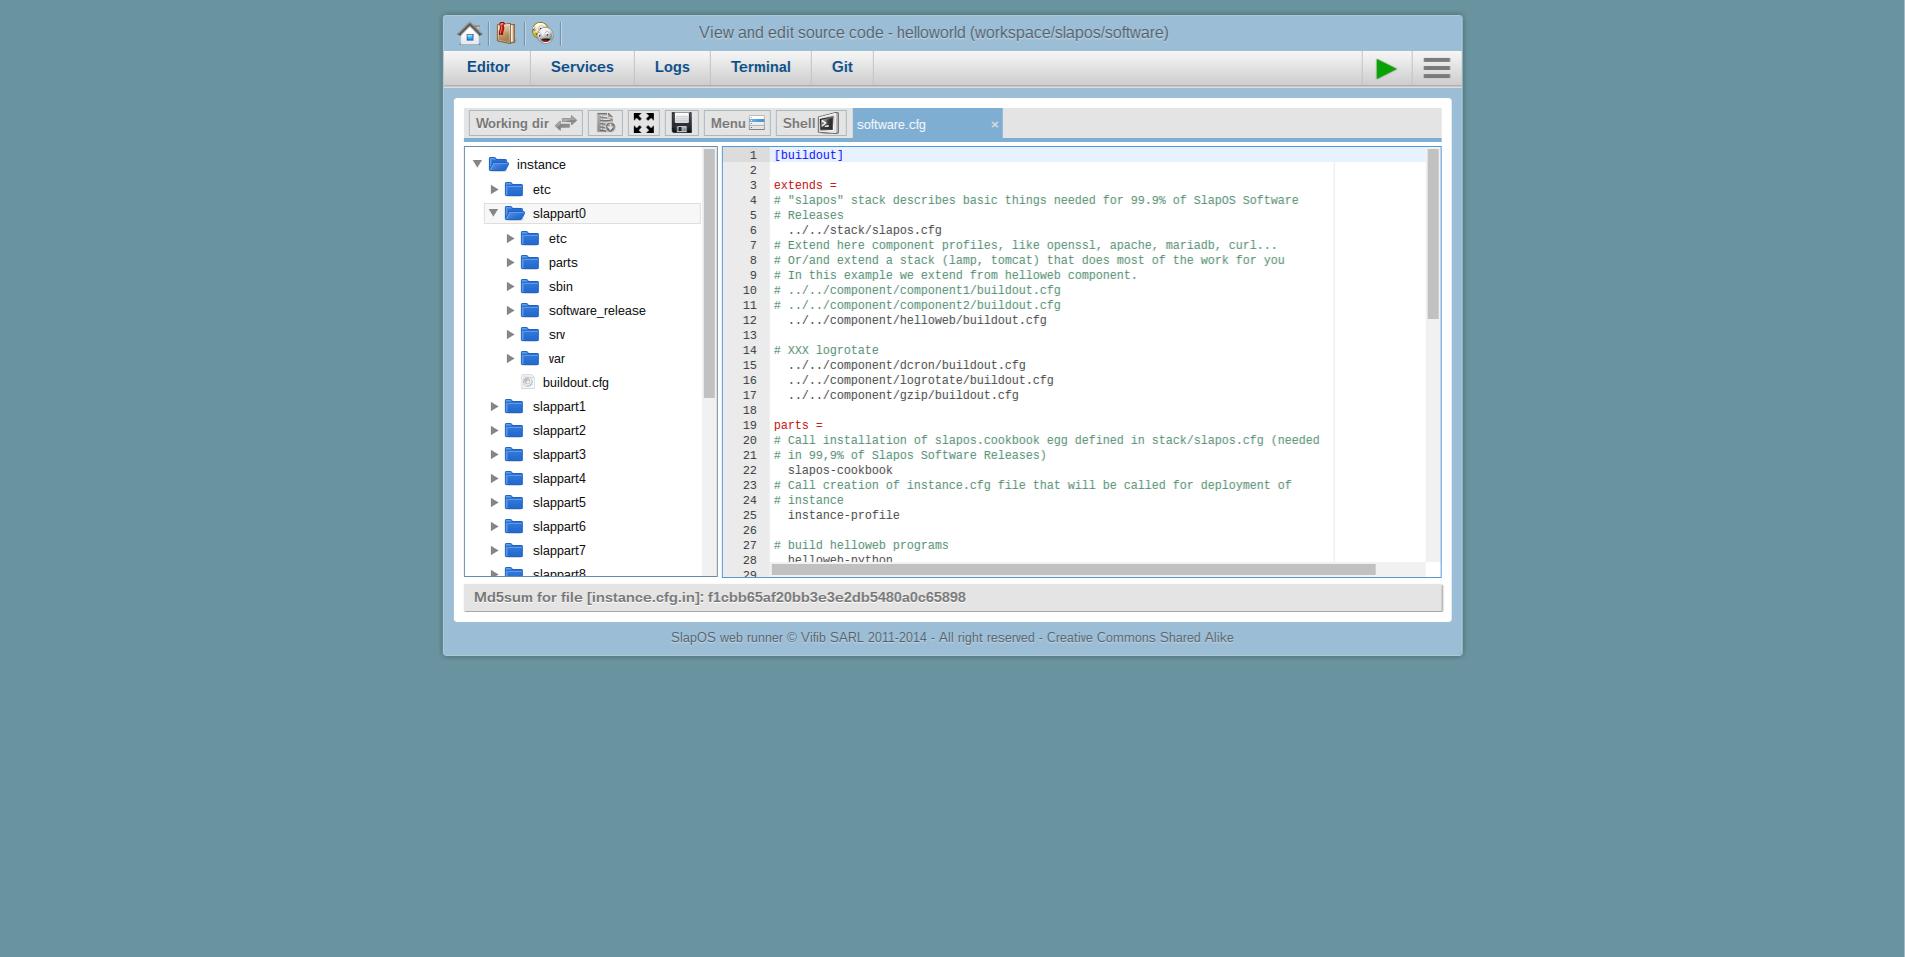 Extending Software Release - Webrunner Interface